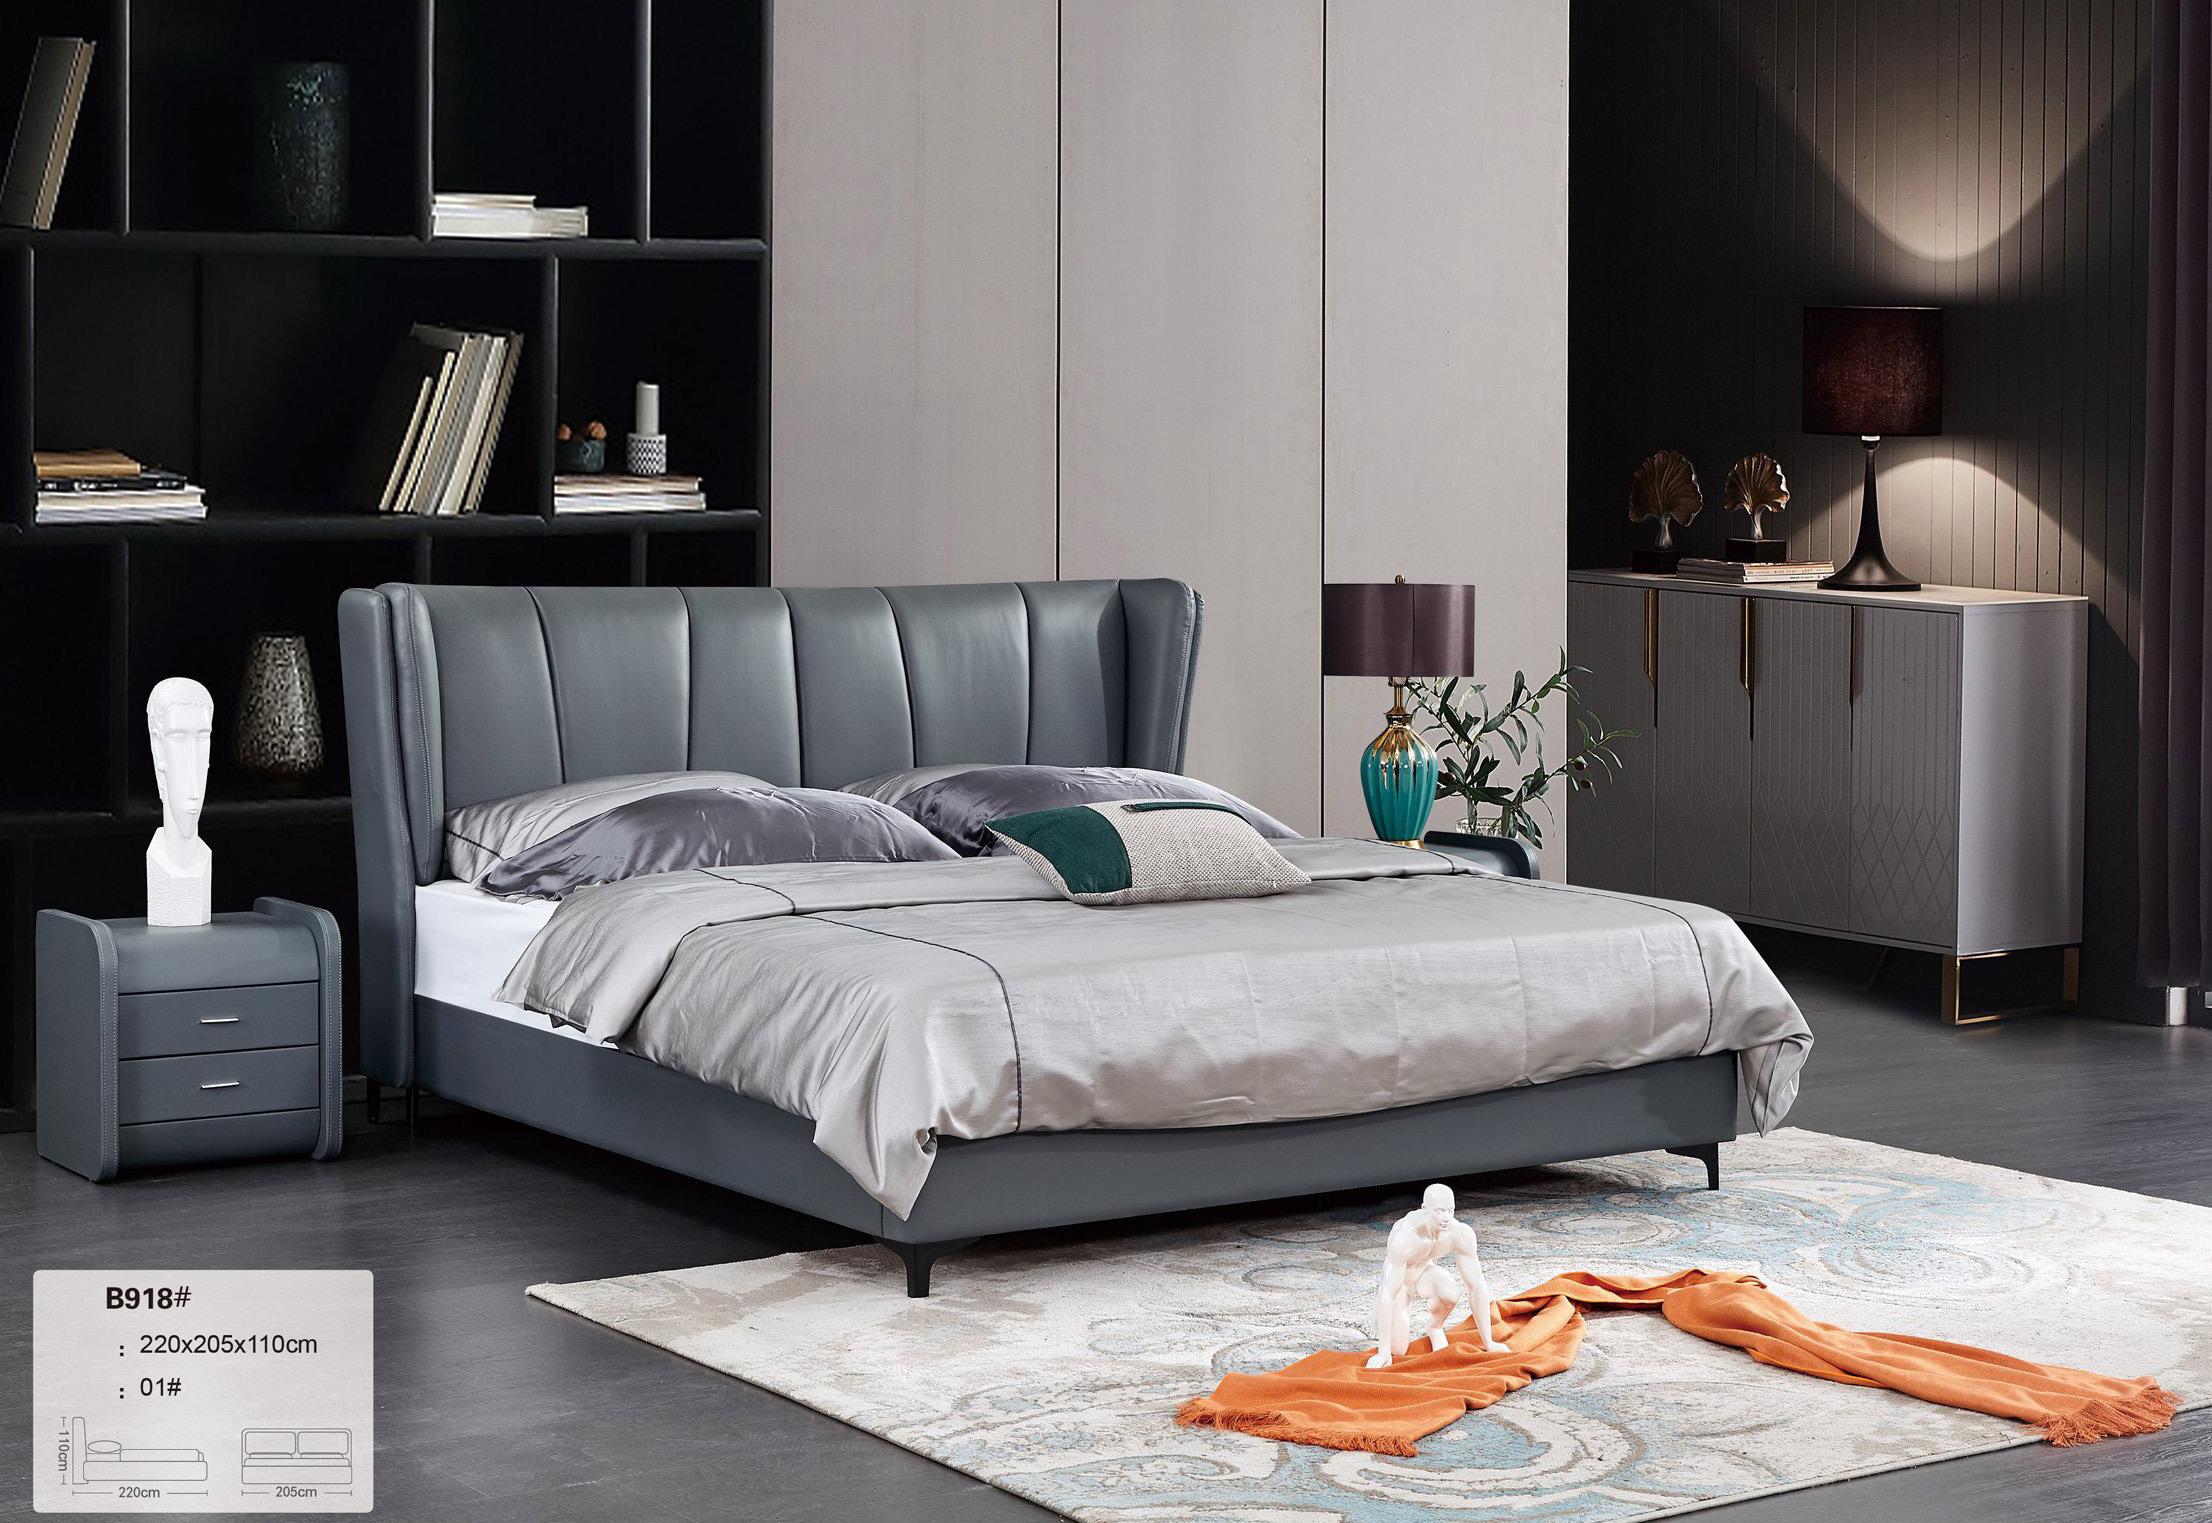 Giường ngủ bọc da hiện đại TP-B918